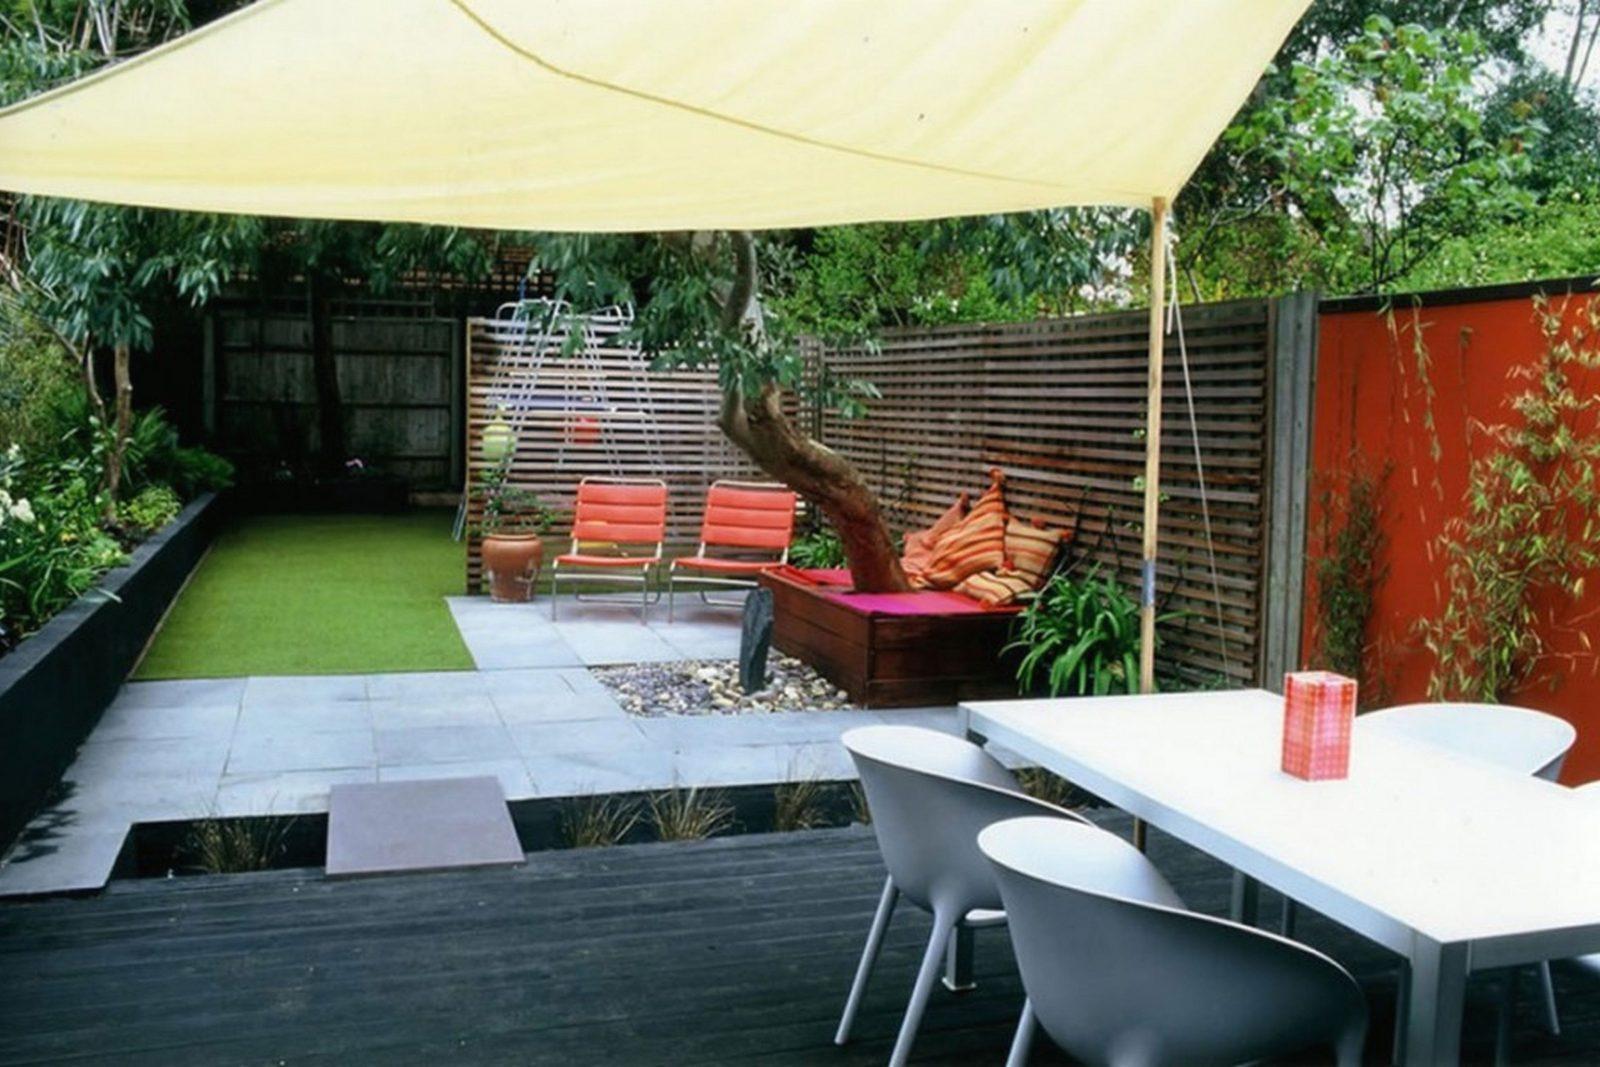 Wunderschöne Ideen Für Kleine Reihenhausgärten Gartengestaltung von Ideen Für Kleine Reihenhausgärten Photo